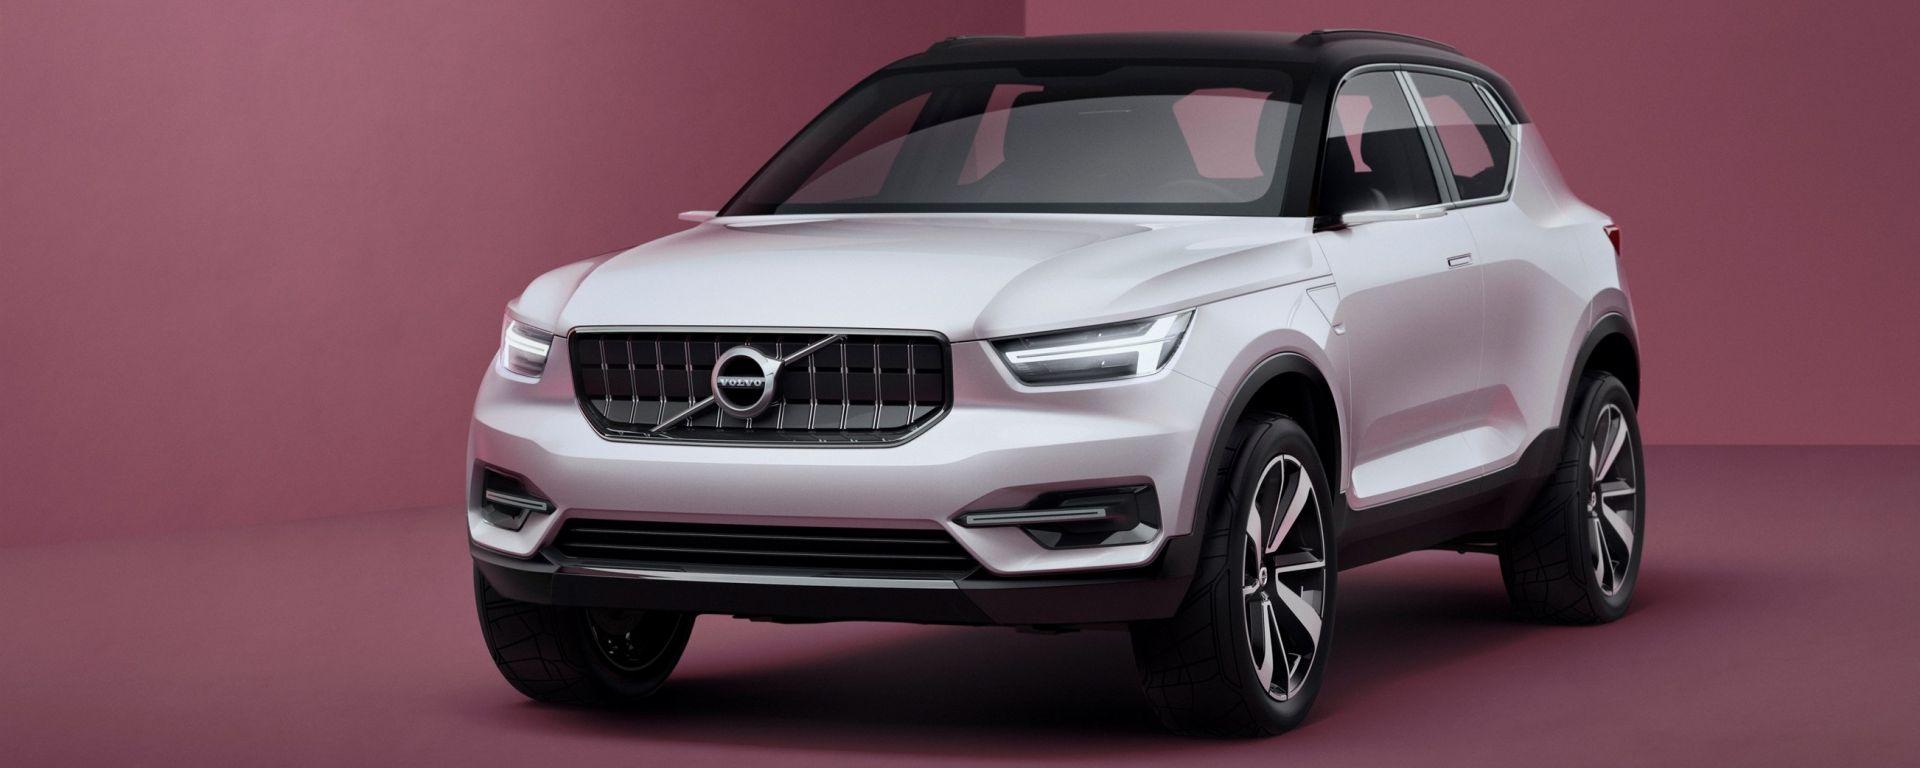 Volvo XC40 concept: il frontale